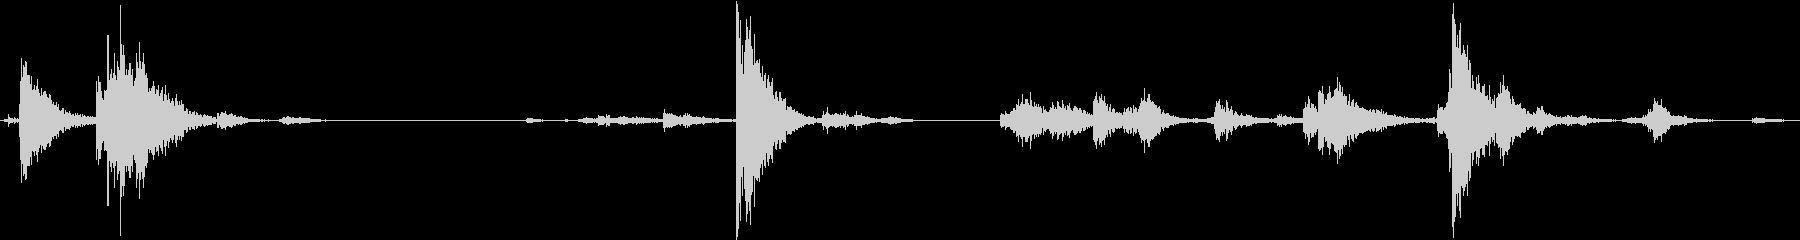 【生録音】装備品の音 金属 武器 16の未再生の波形